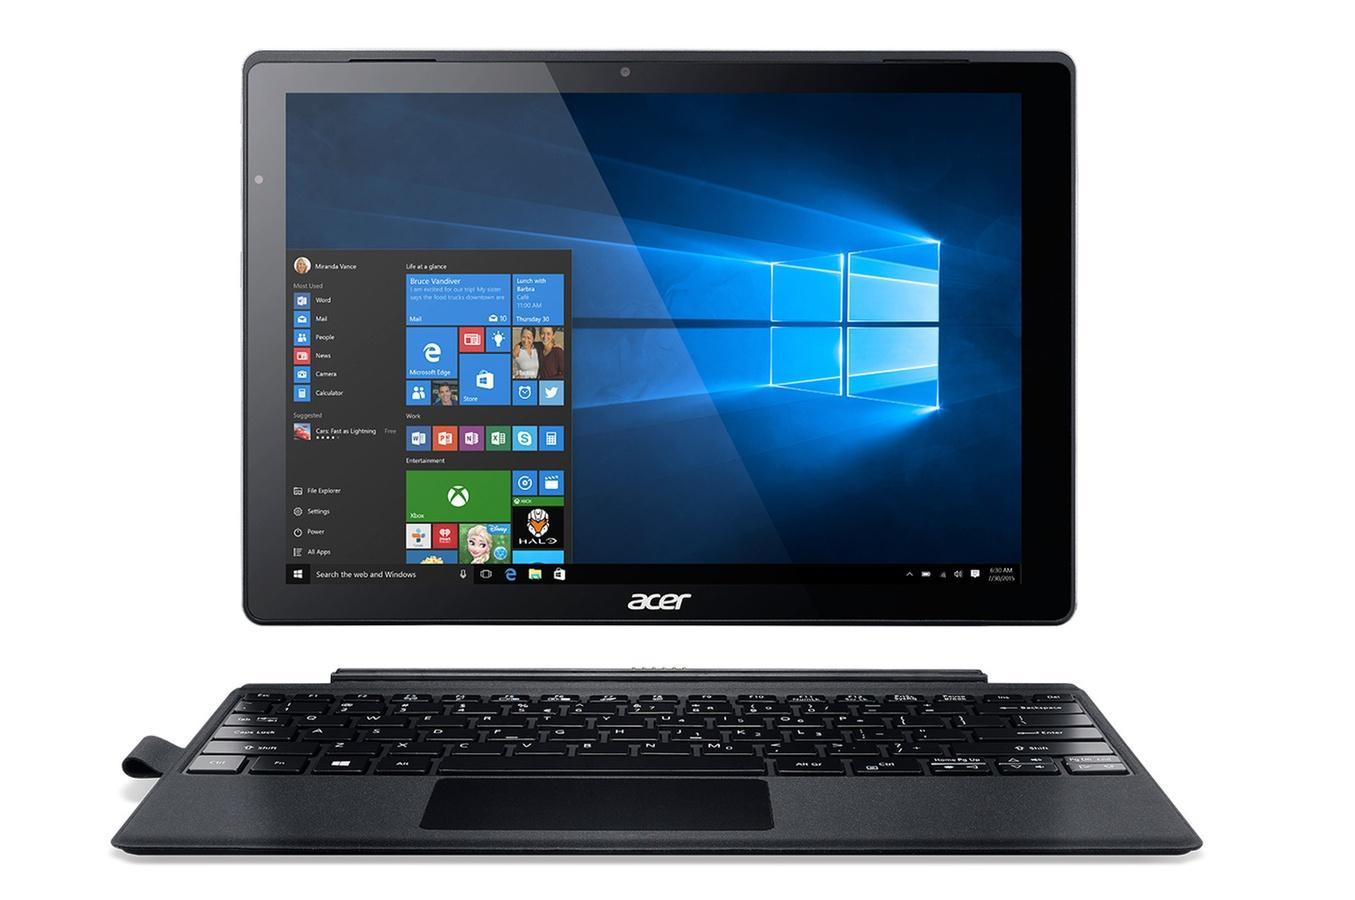 """PC hybride 12"""" Acer Switch Alpha 12 SA5-271P-71R6 (i7-6500U, 8 Go de RAM, 256 Go en SSD) - avec clavier détachable"""